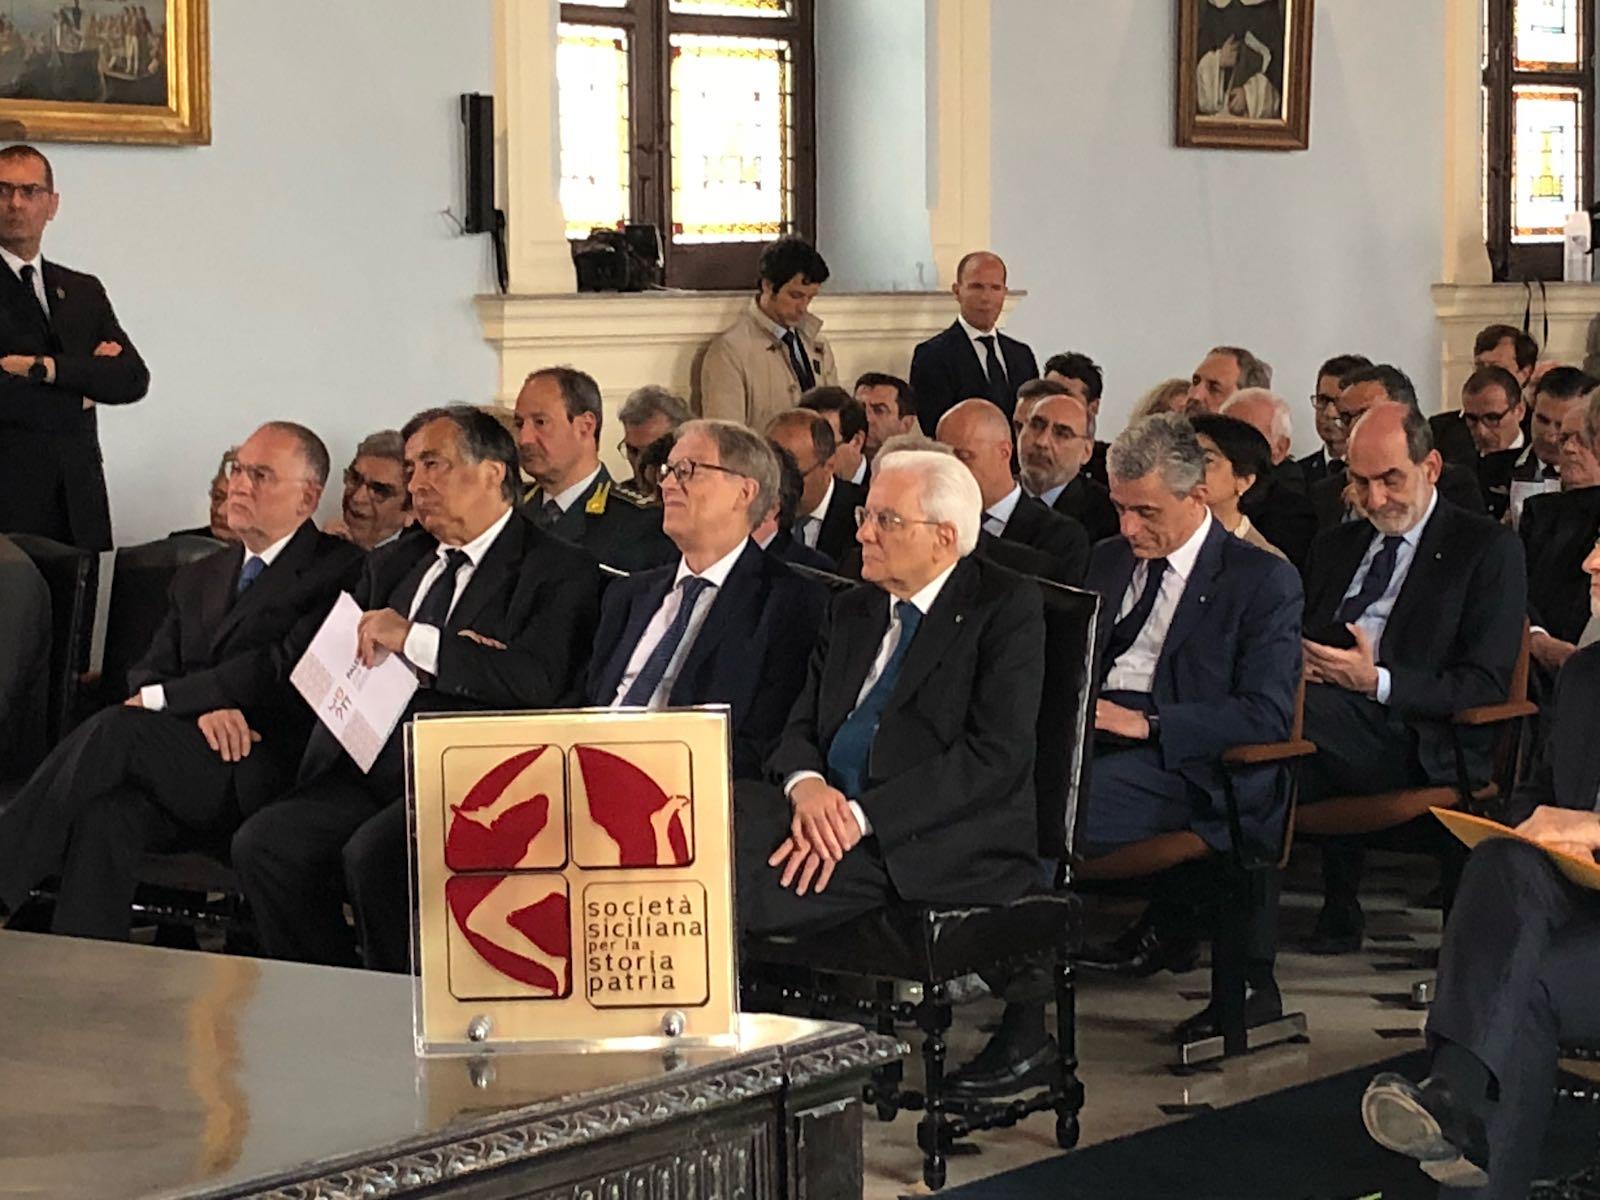 Il Presidente Mattarella a Palermo visita le opere di Mario Valenti